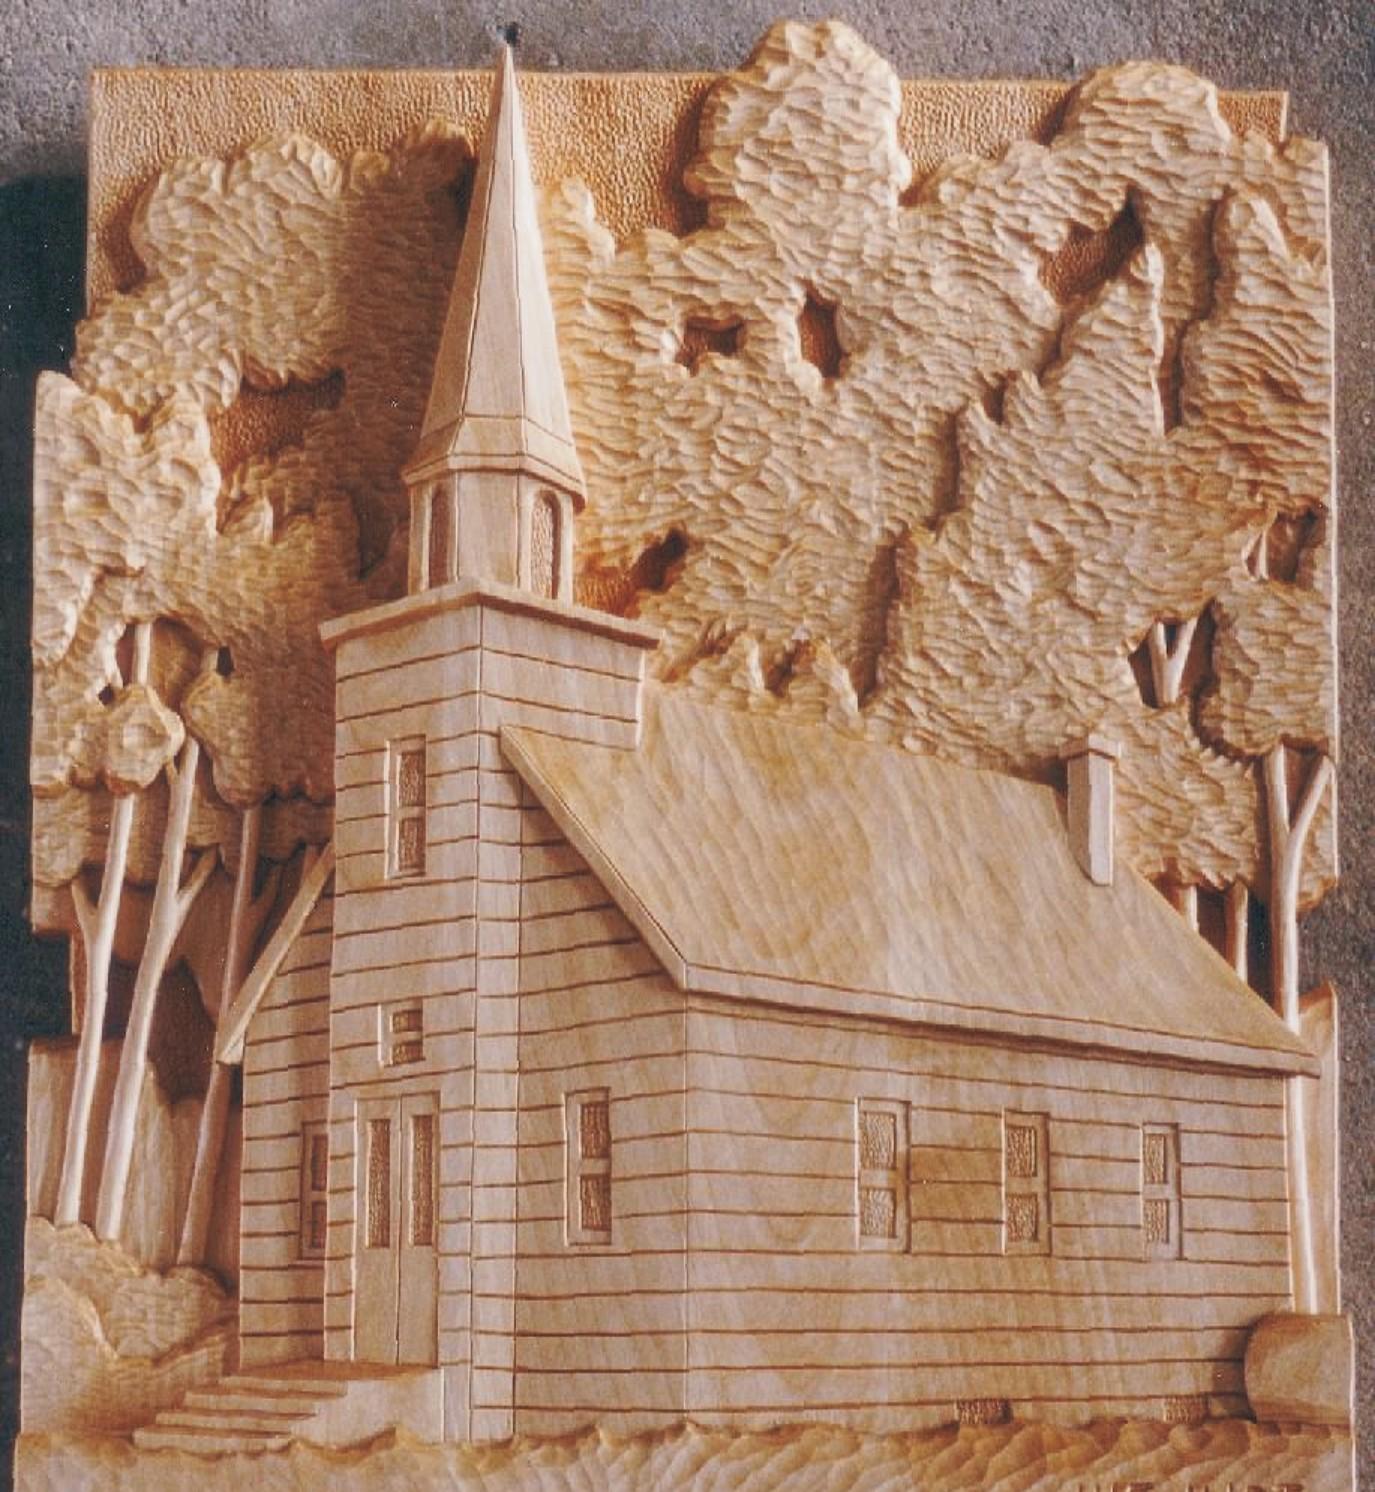 Arte sacro en madera tallado de paisajes fachadas casas instituciones fotos varias - Fotos en madera ...